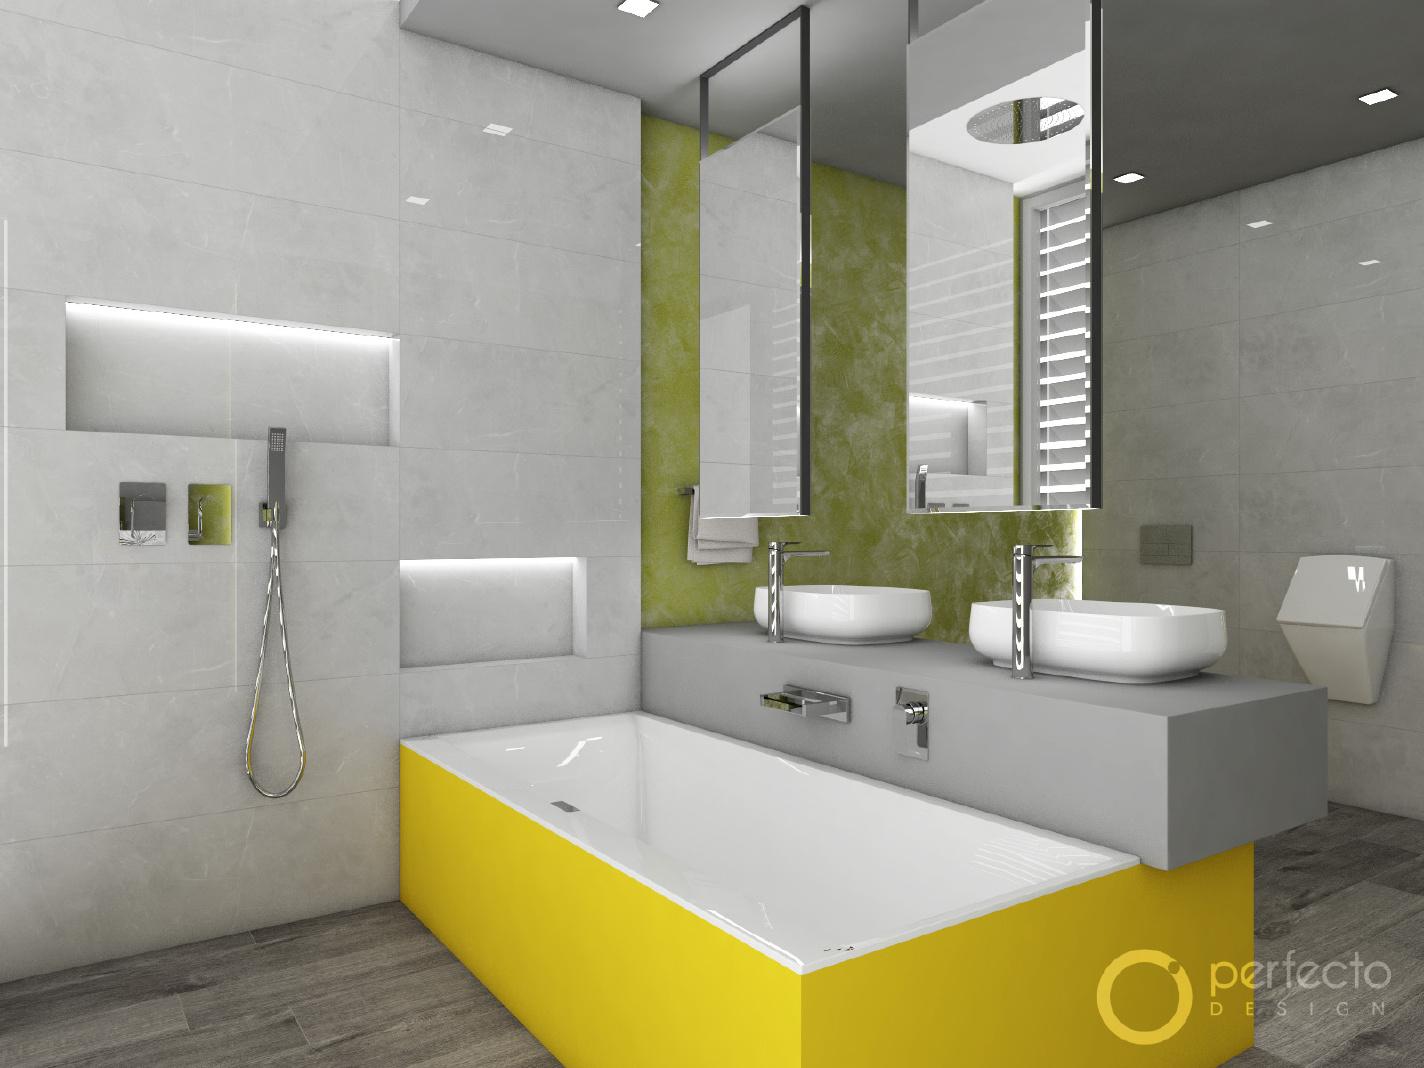 extravagante badezimmer wohndesign und m bel ideen. Black Bedroom Furniture Sets. Home Design Ideas